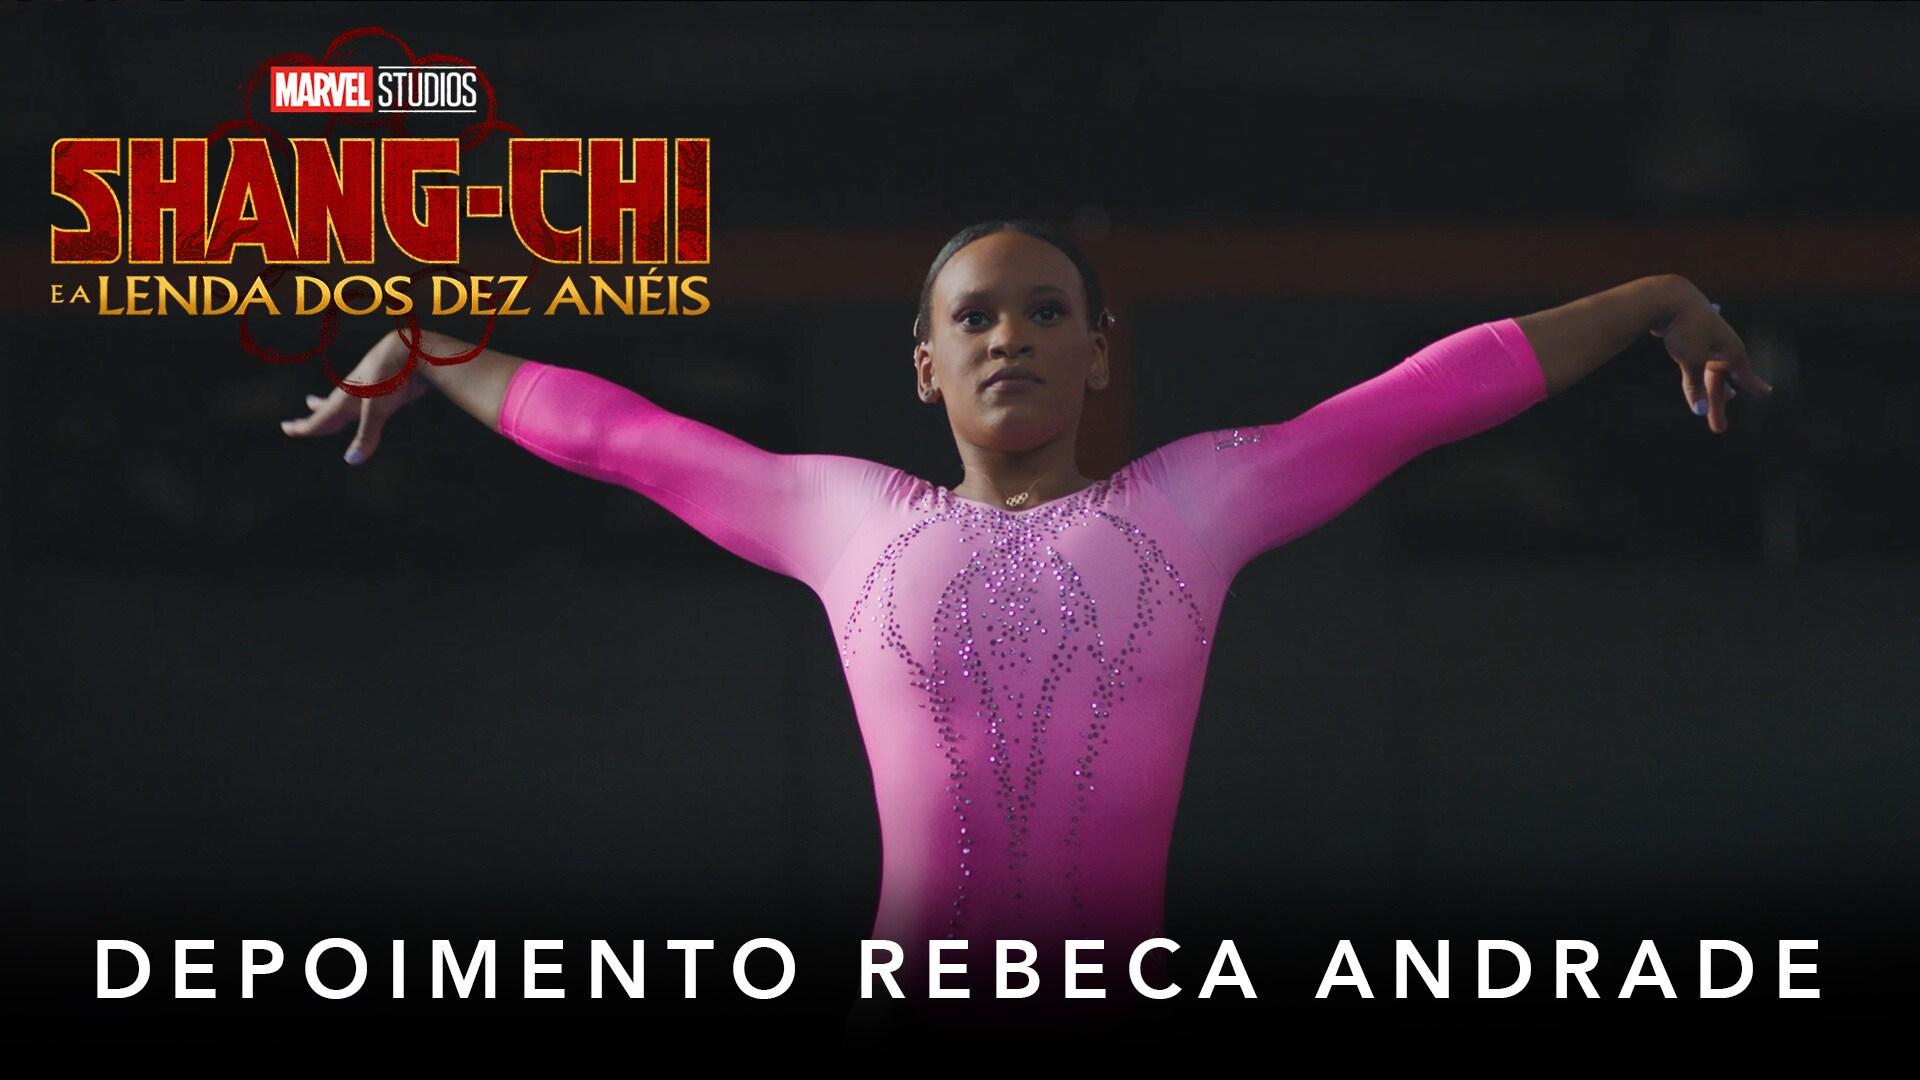 Shang-Chi e a Lenda dos Dez Anéis | Marvel Studios | Depoimento Rebeca Andrade